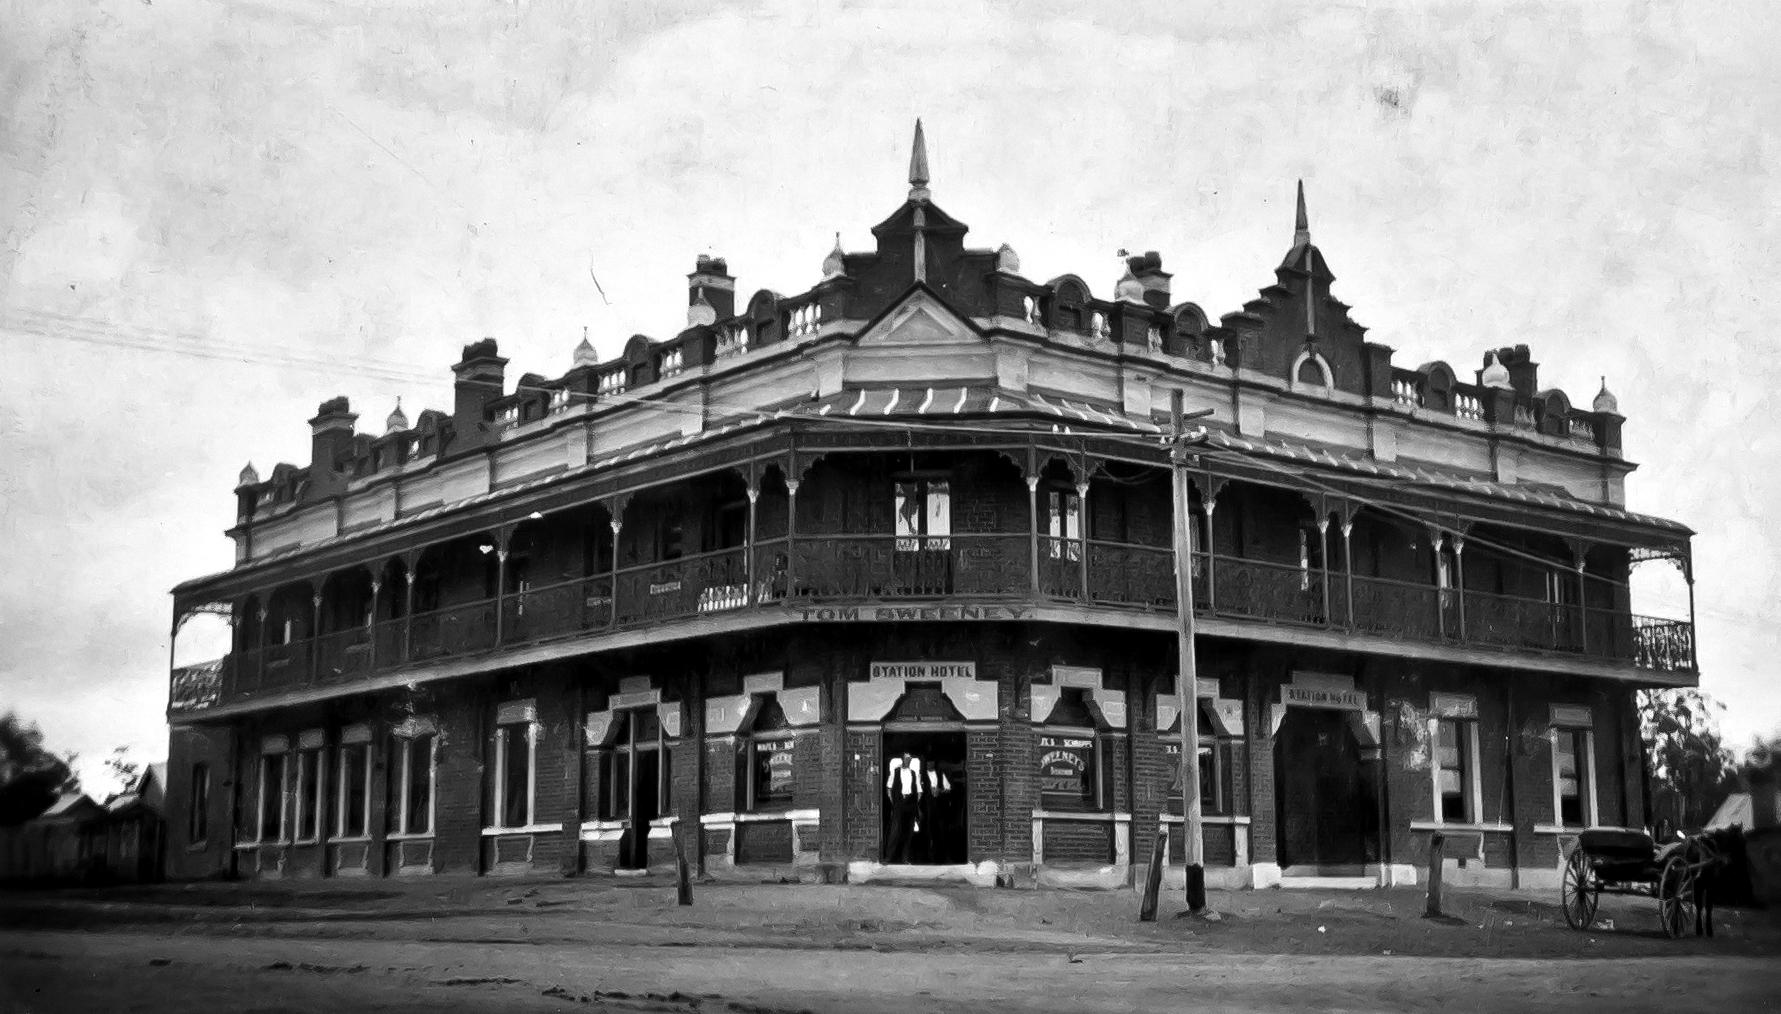 Station Hotel, Kurri Kurri